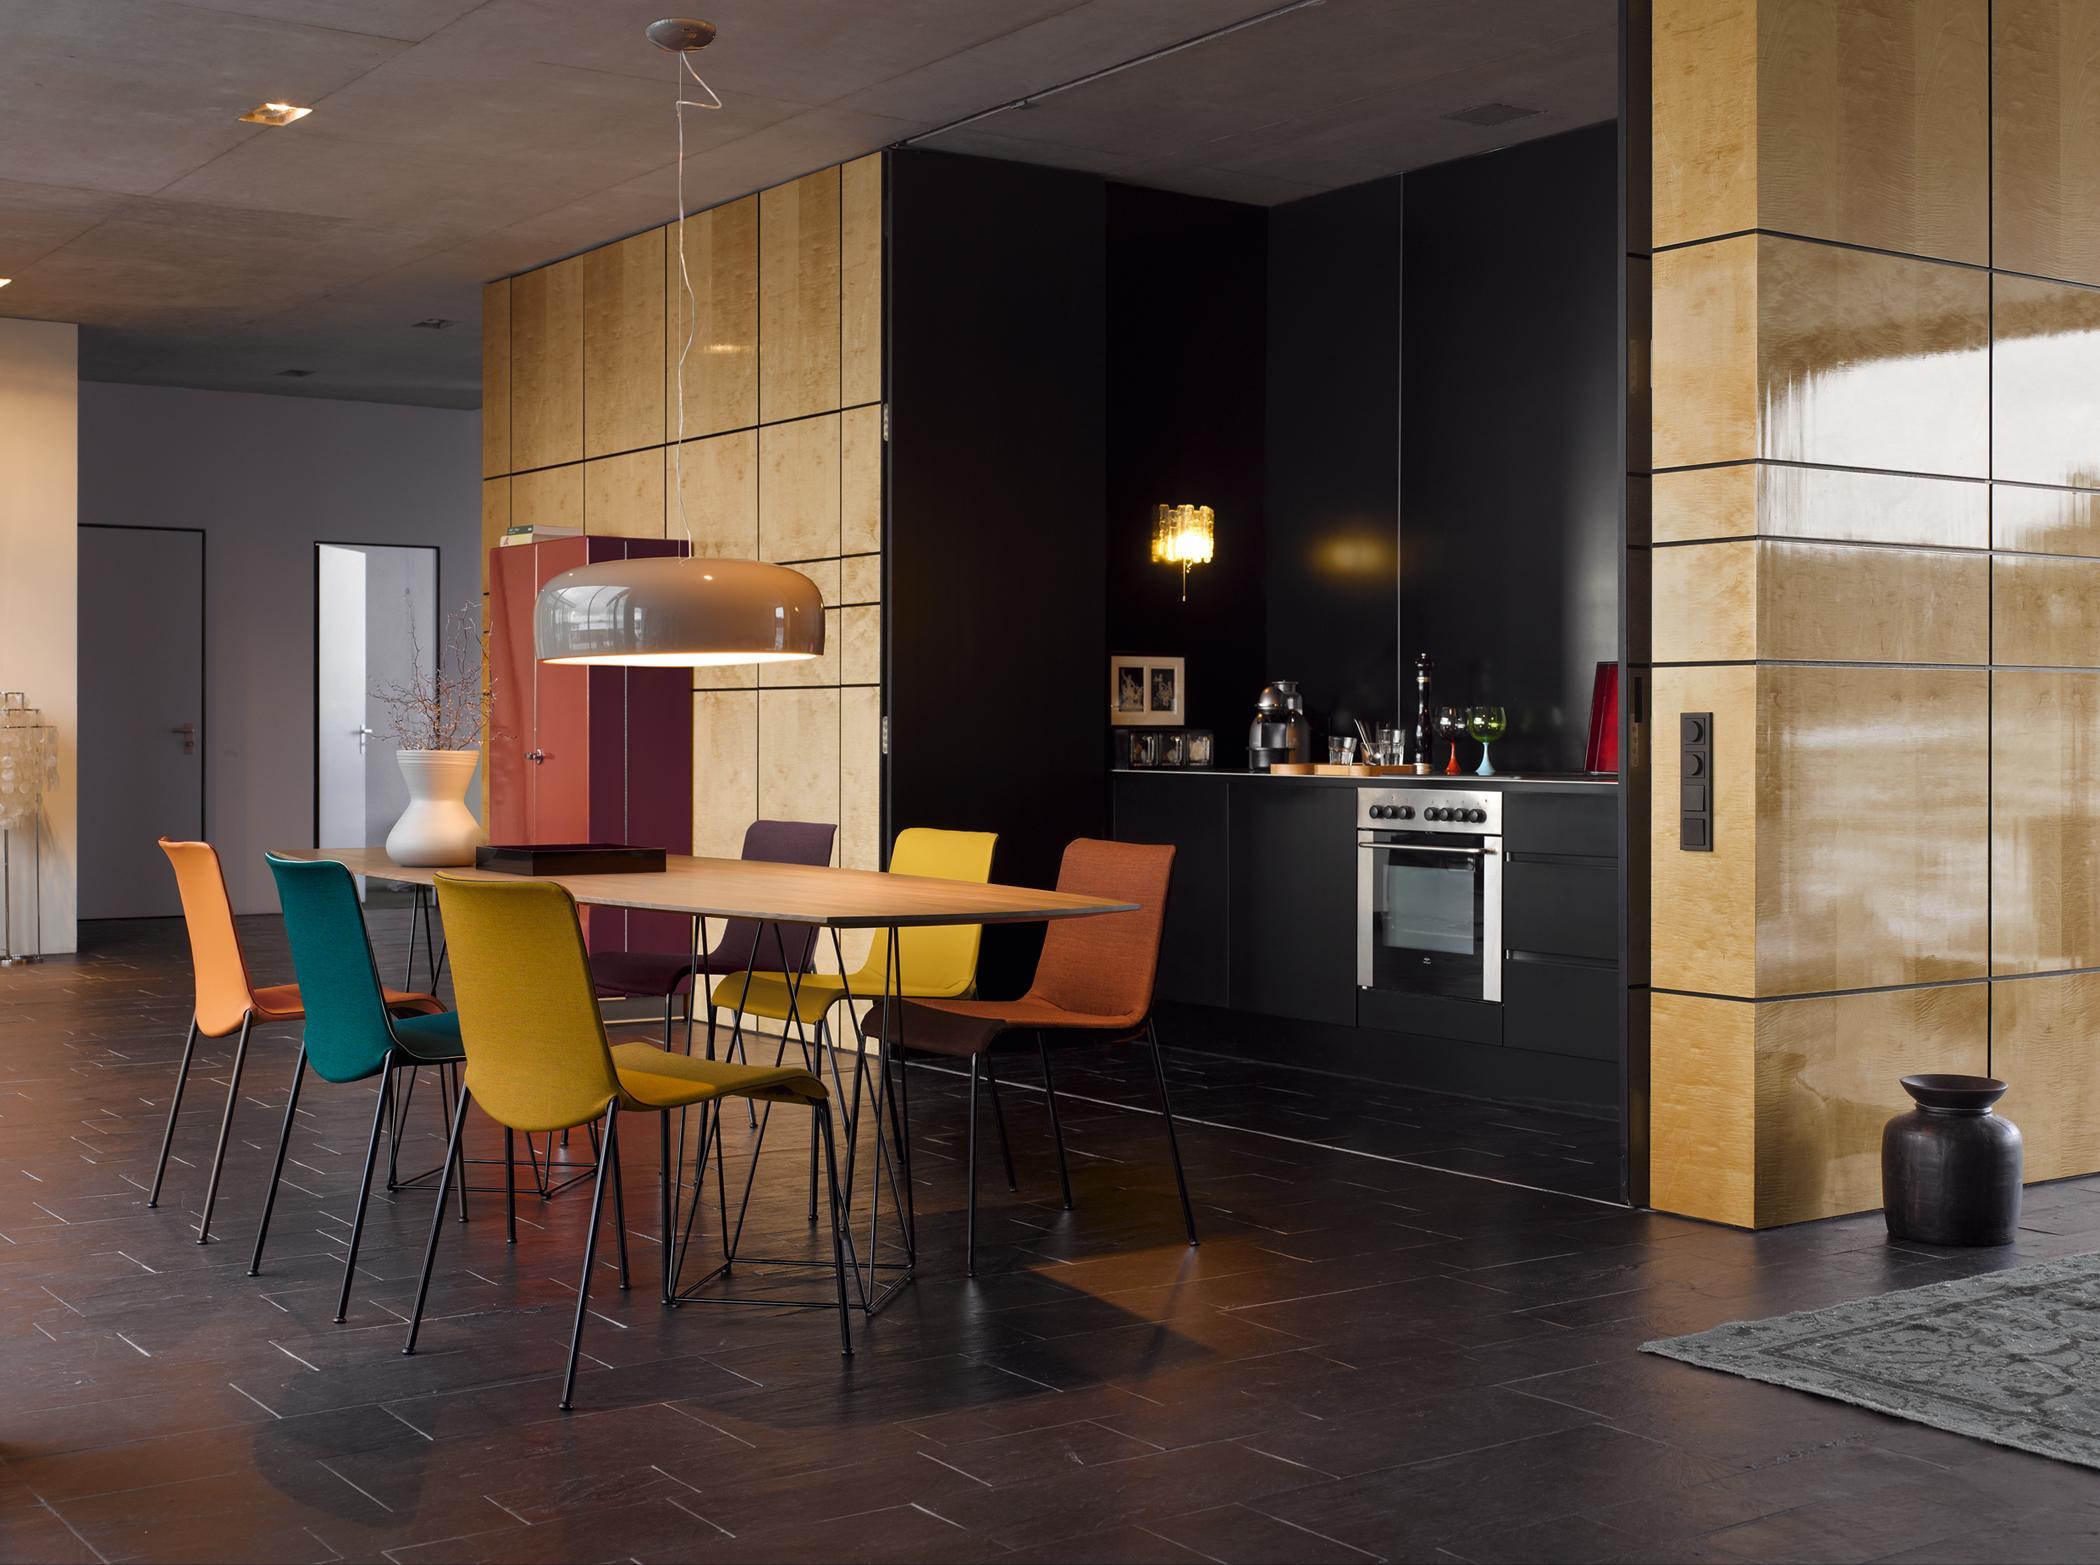 Full Size of Wandgestaltung Kche So Einfach Wirds Wohnlich Küche Mit Elektrogeräten Günstig U Form Theke Granitplatten Kinder Spielküche Landhausstil Eckschrank Tapeten Wohnzimmer Wandgestaltung Küche